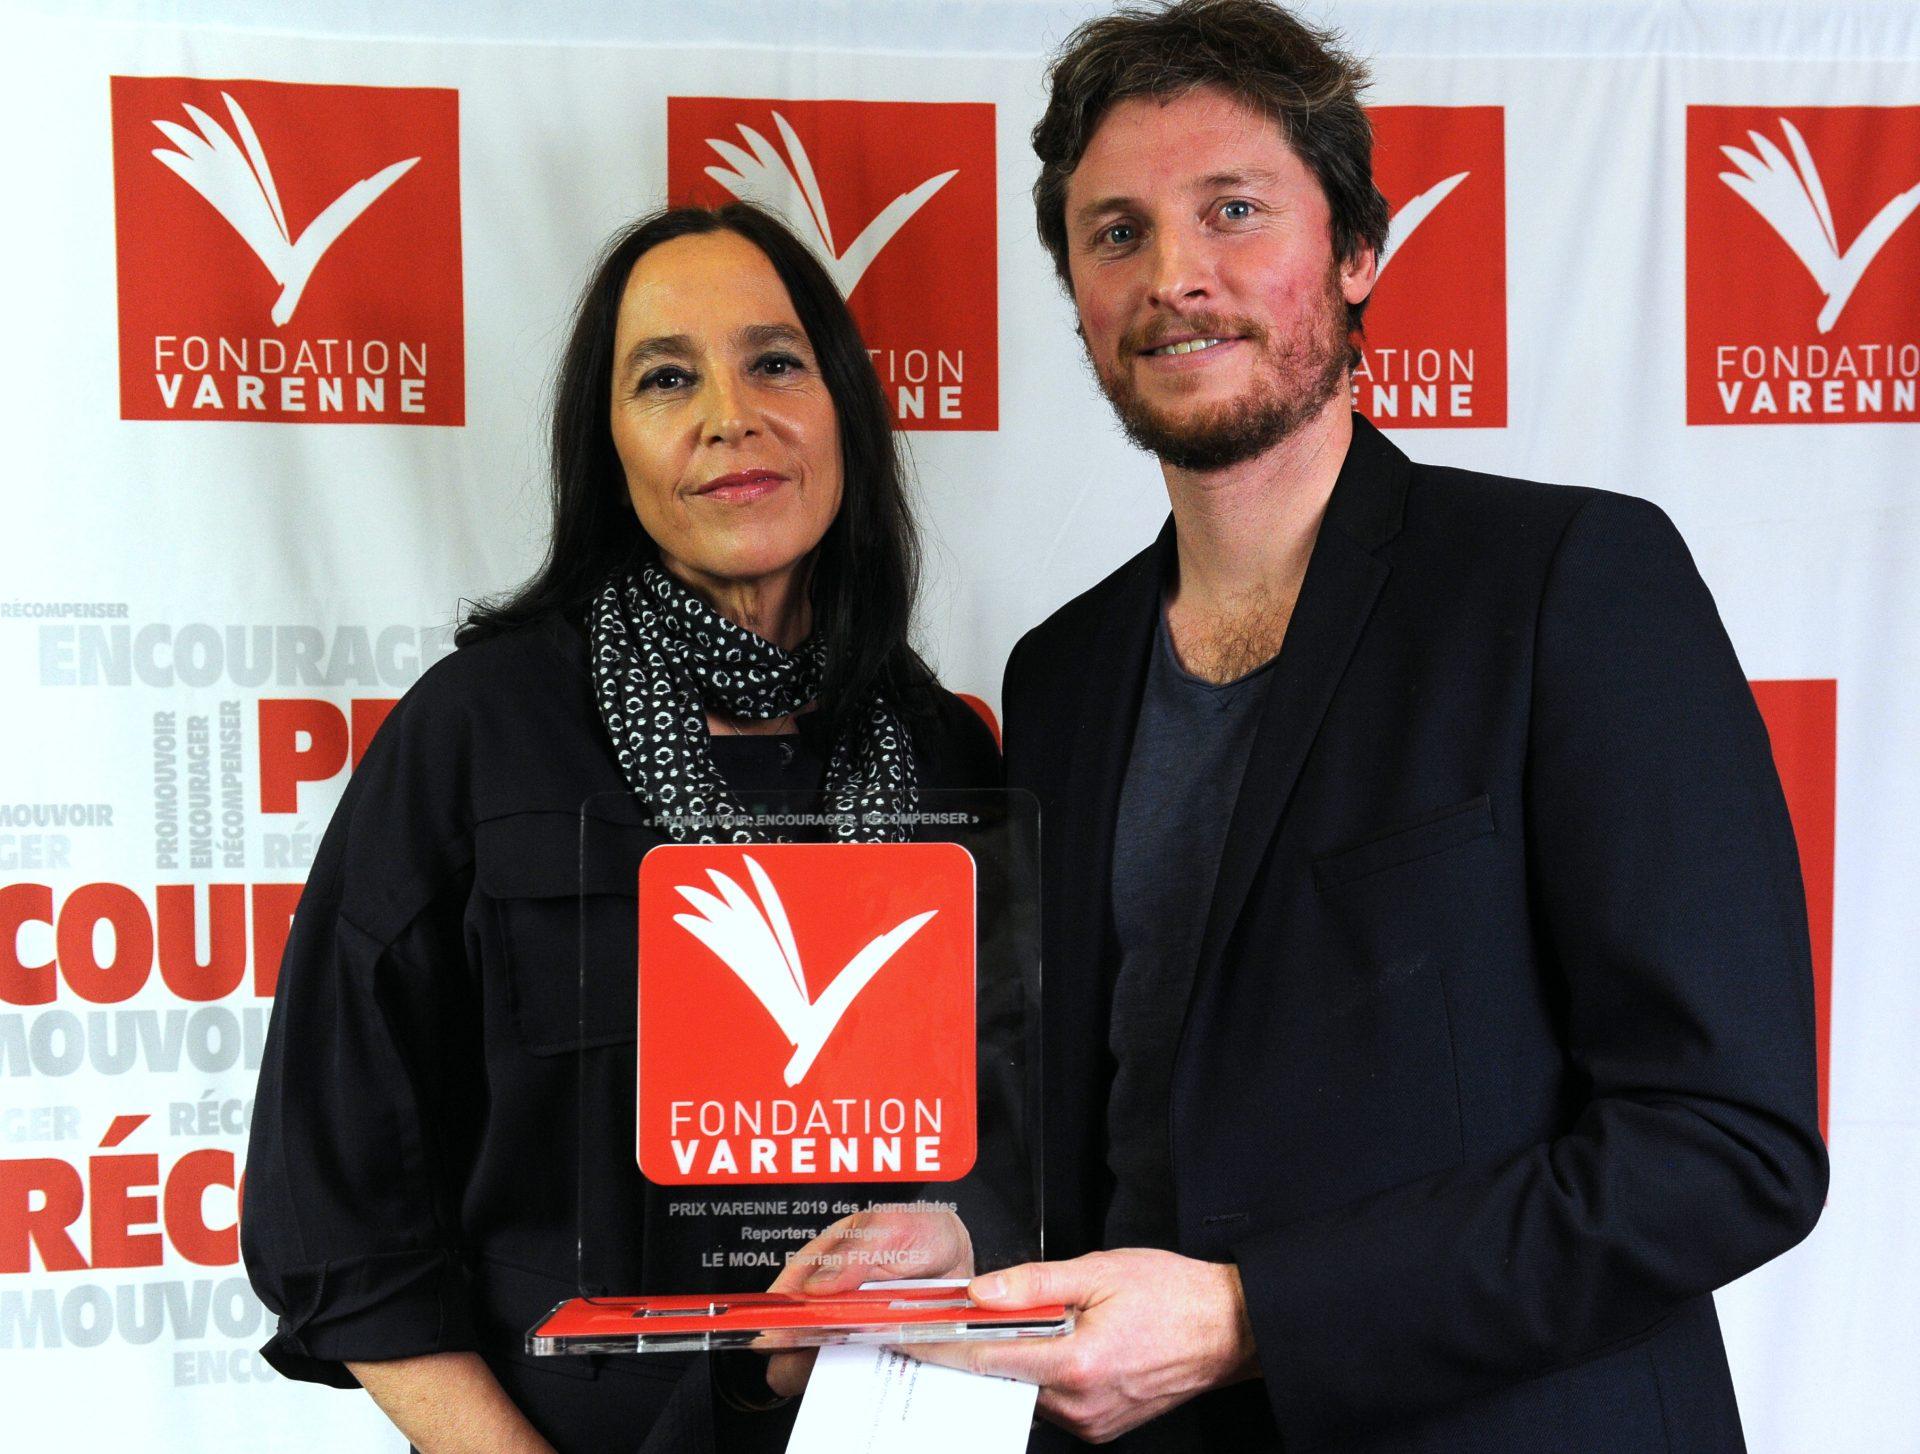 Grand Prix Varenne à Florian LE MOAL et Dorothée Olliéric de France 2